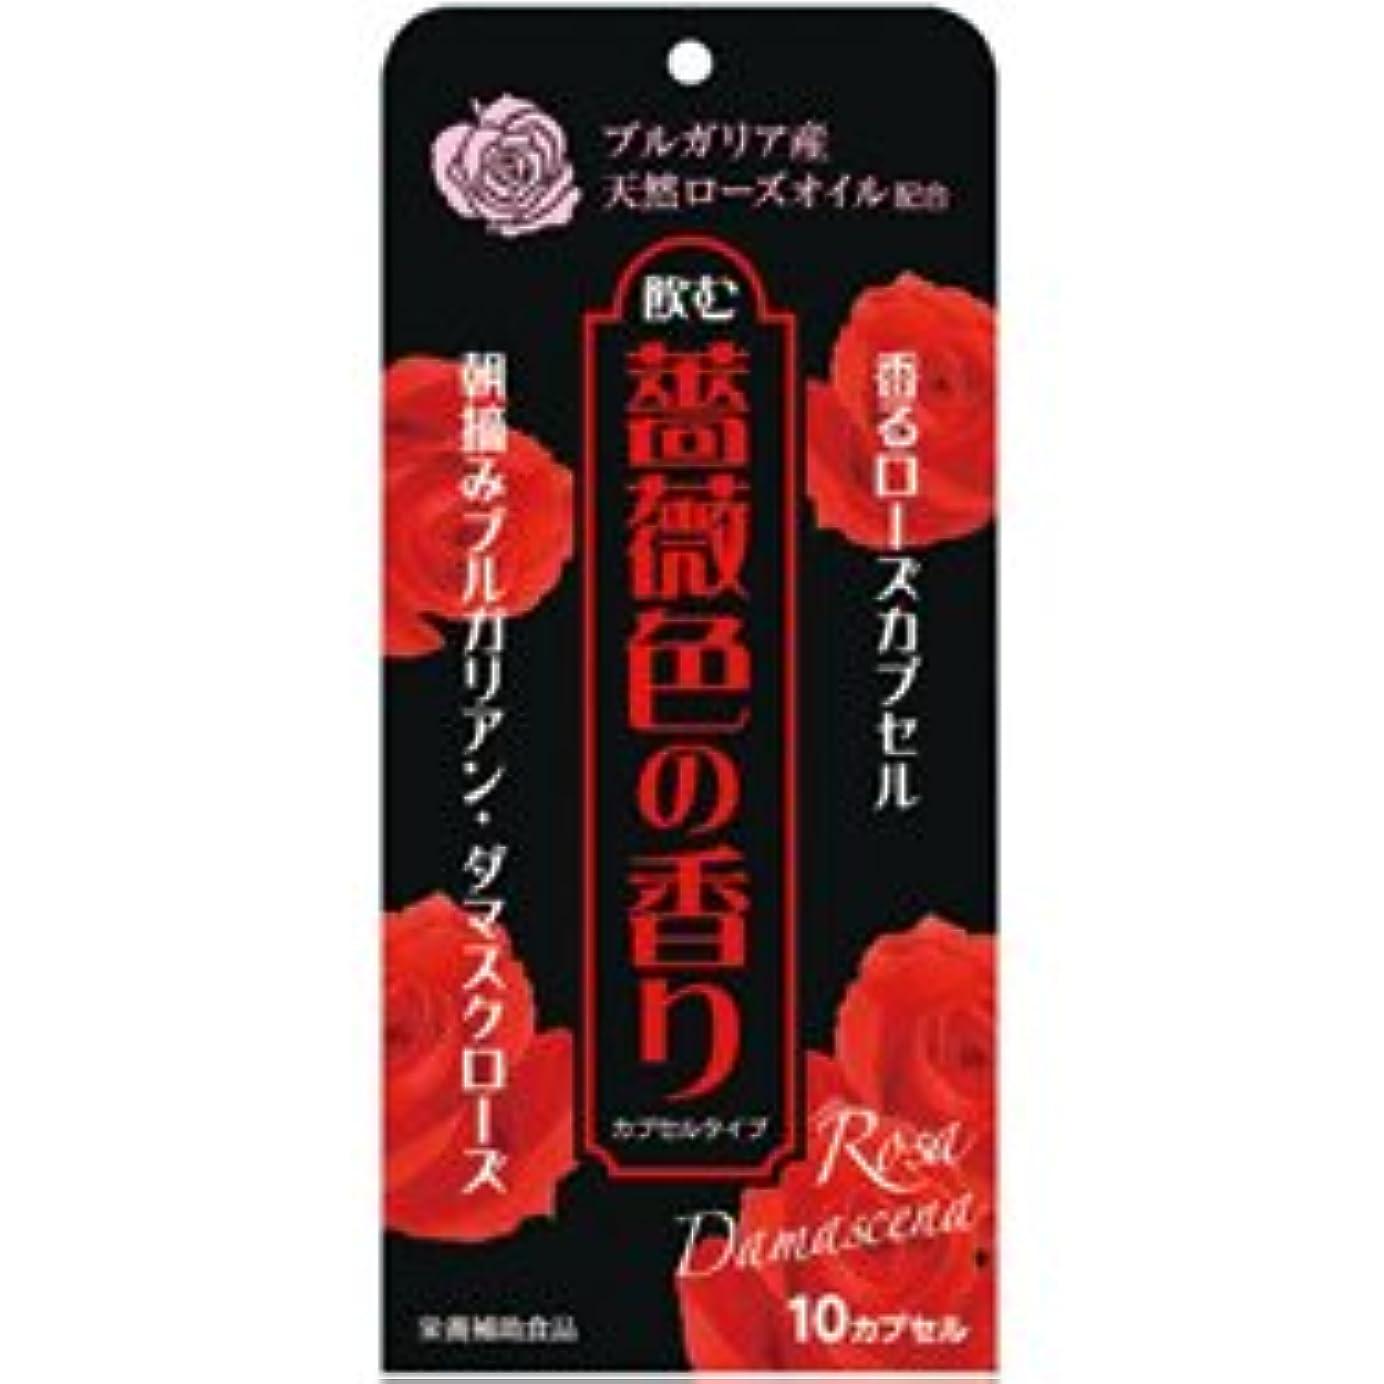 あざ純粋に句【ウェルネスジャパン】飲む薔薇色の香り 10カプセル ×5個セット